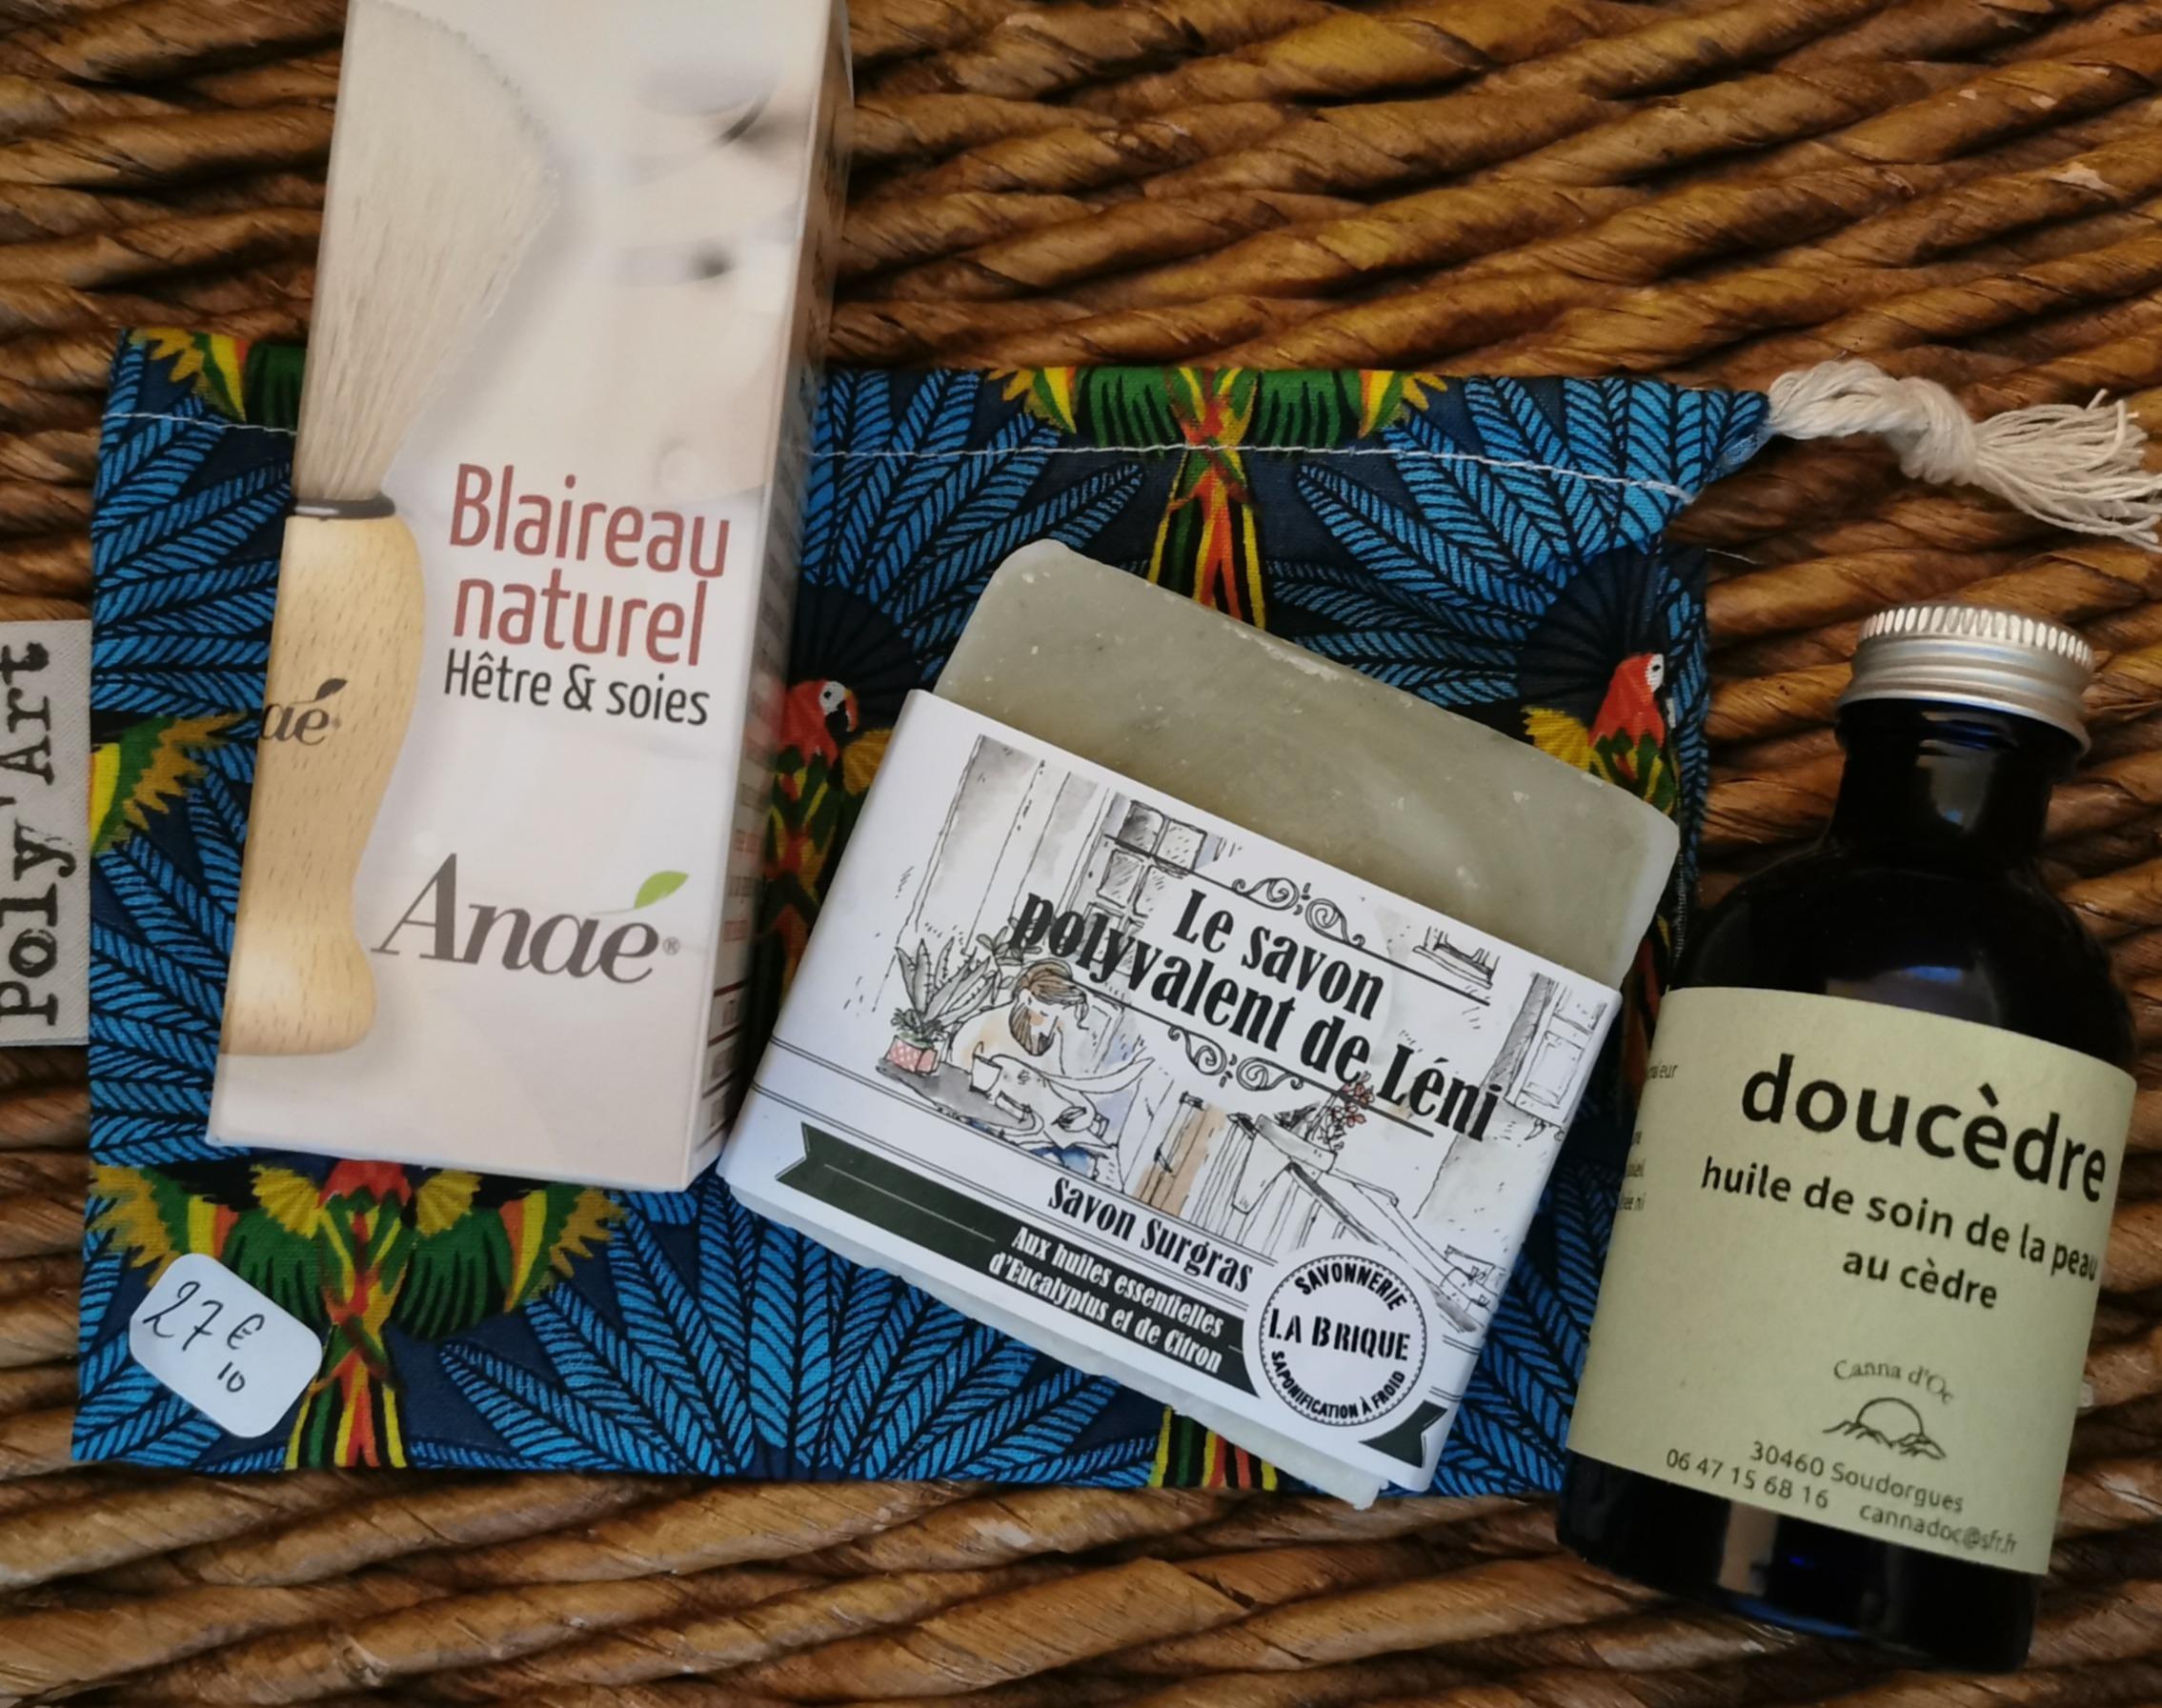 PAPA TOUT DOUX - savon surgras, huile de chanvre, blaireau naturel, sac à vrac - 27,10€